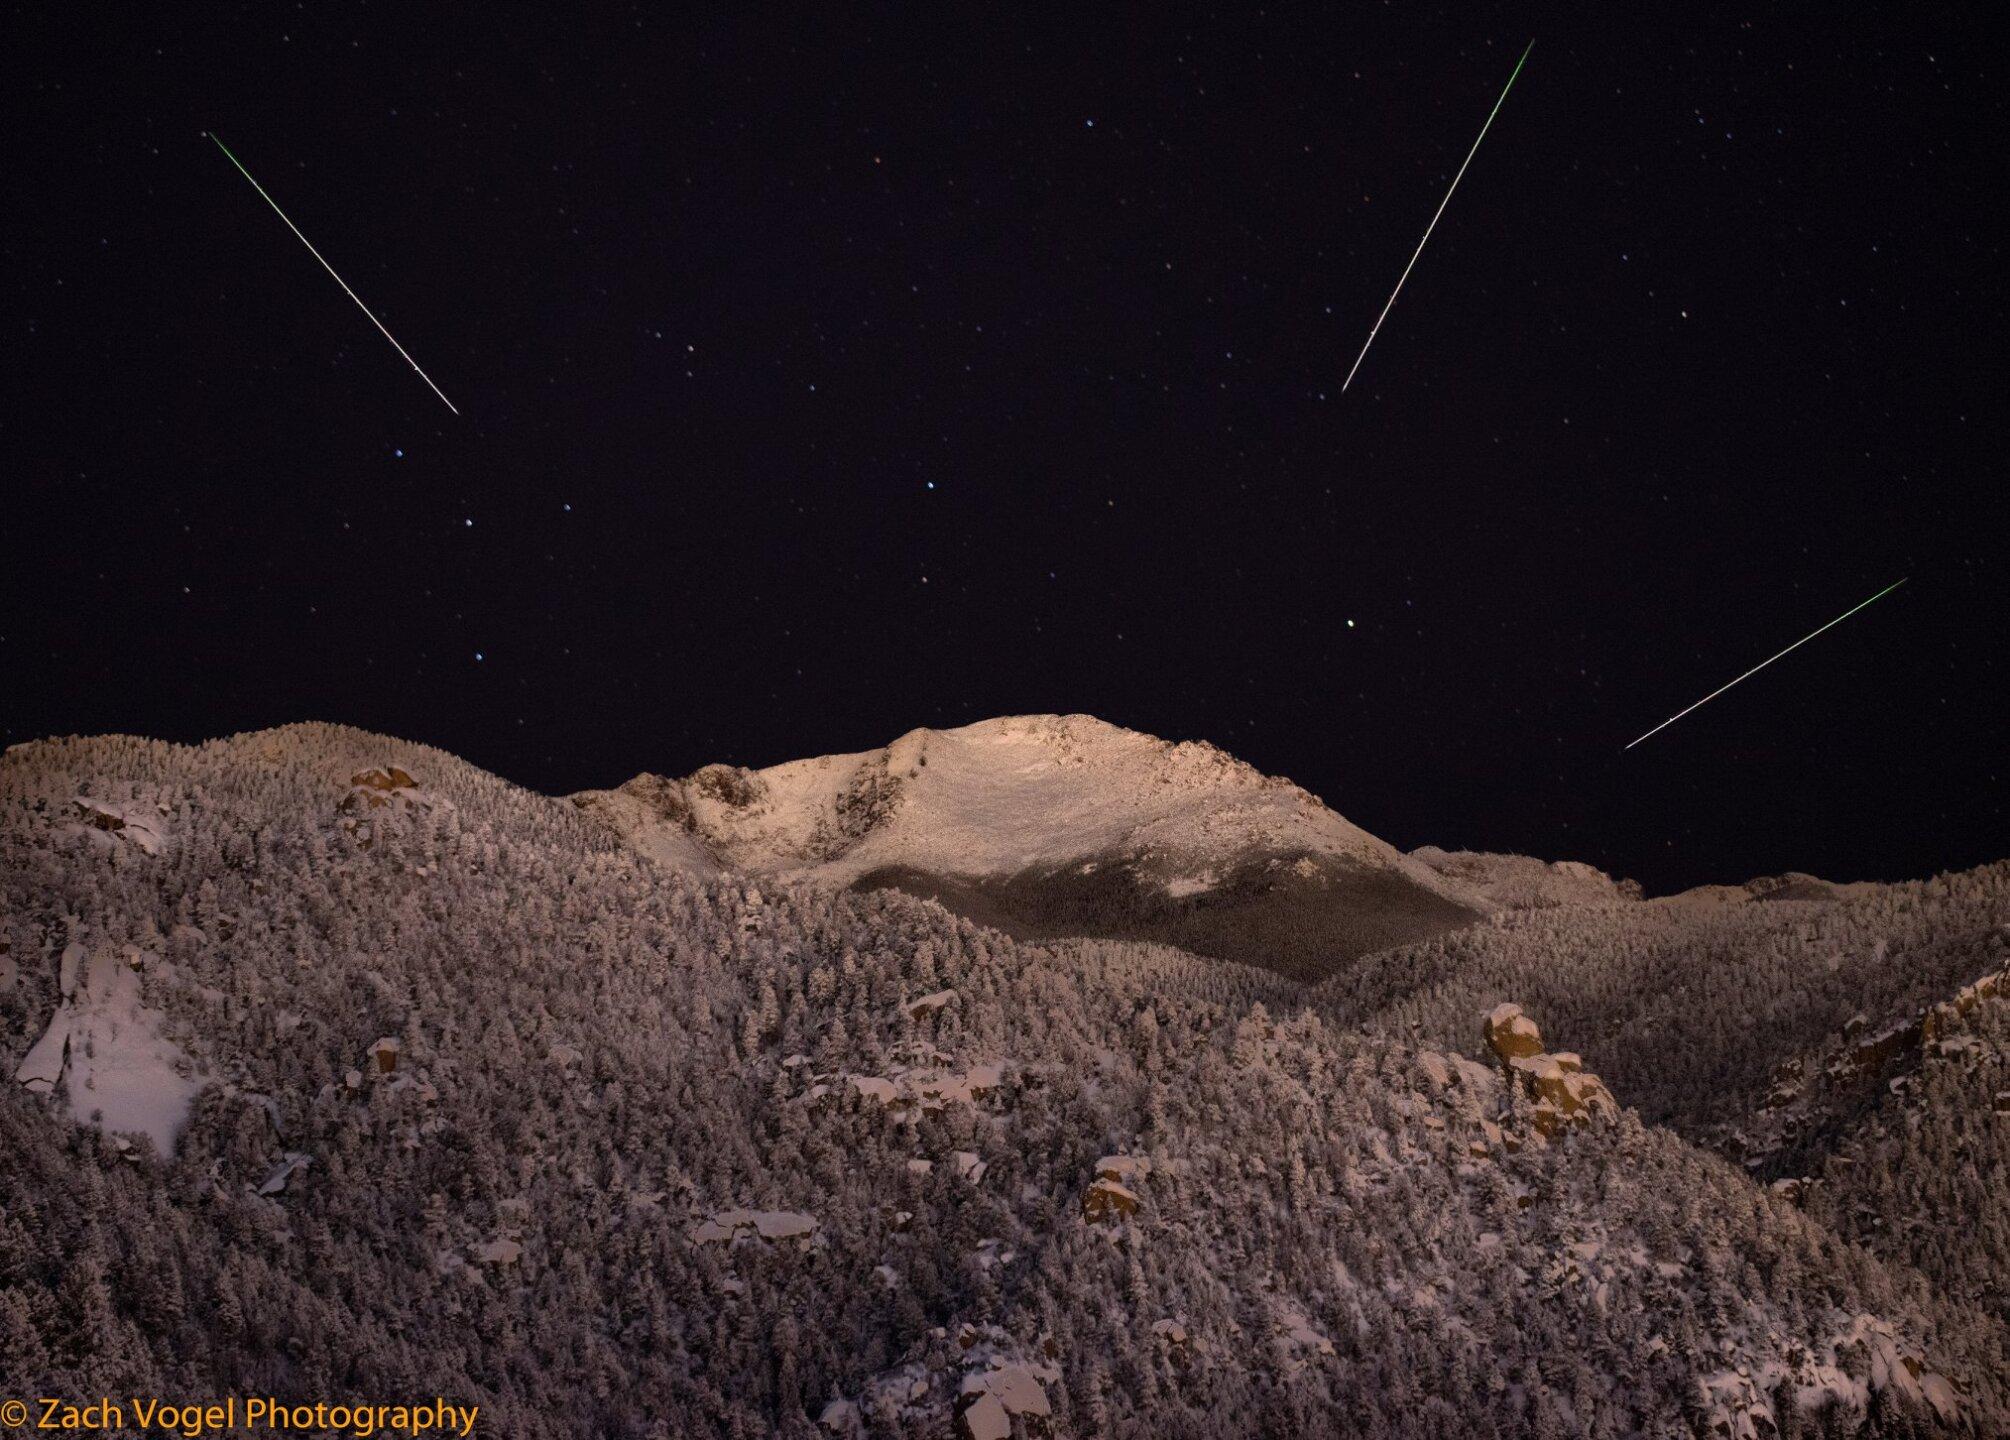 Geminid Meteor Shower over Pikes Peak